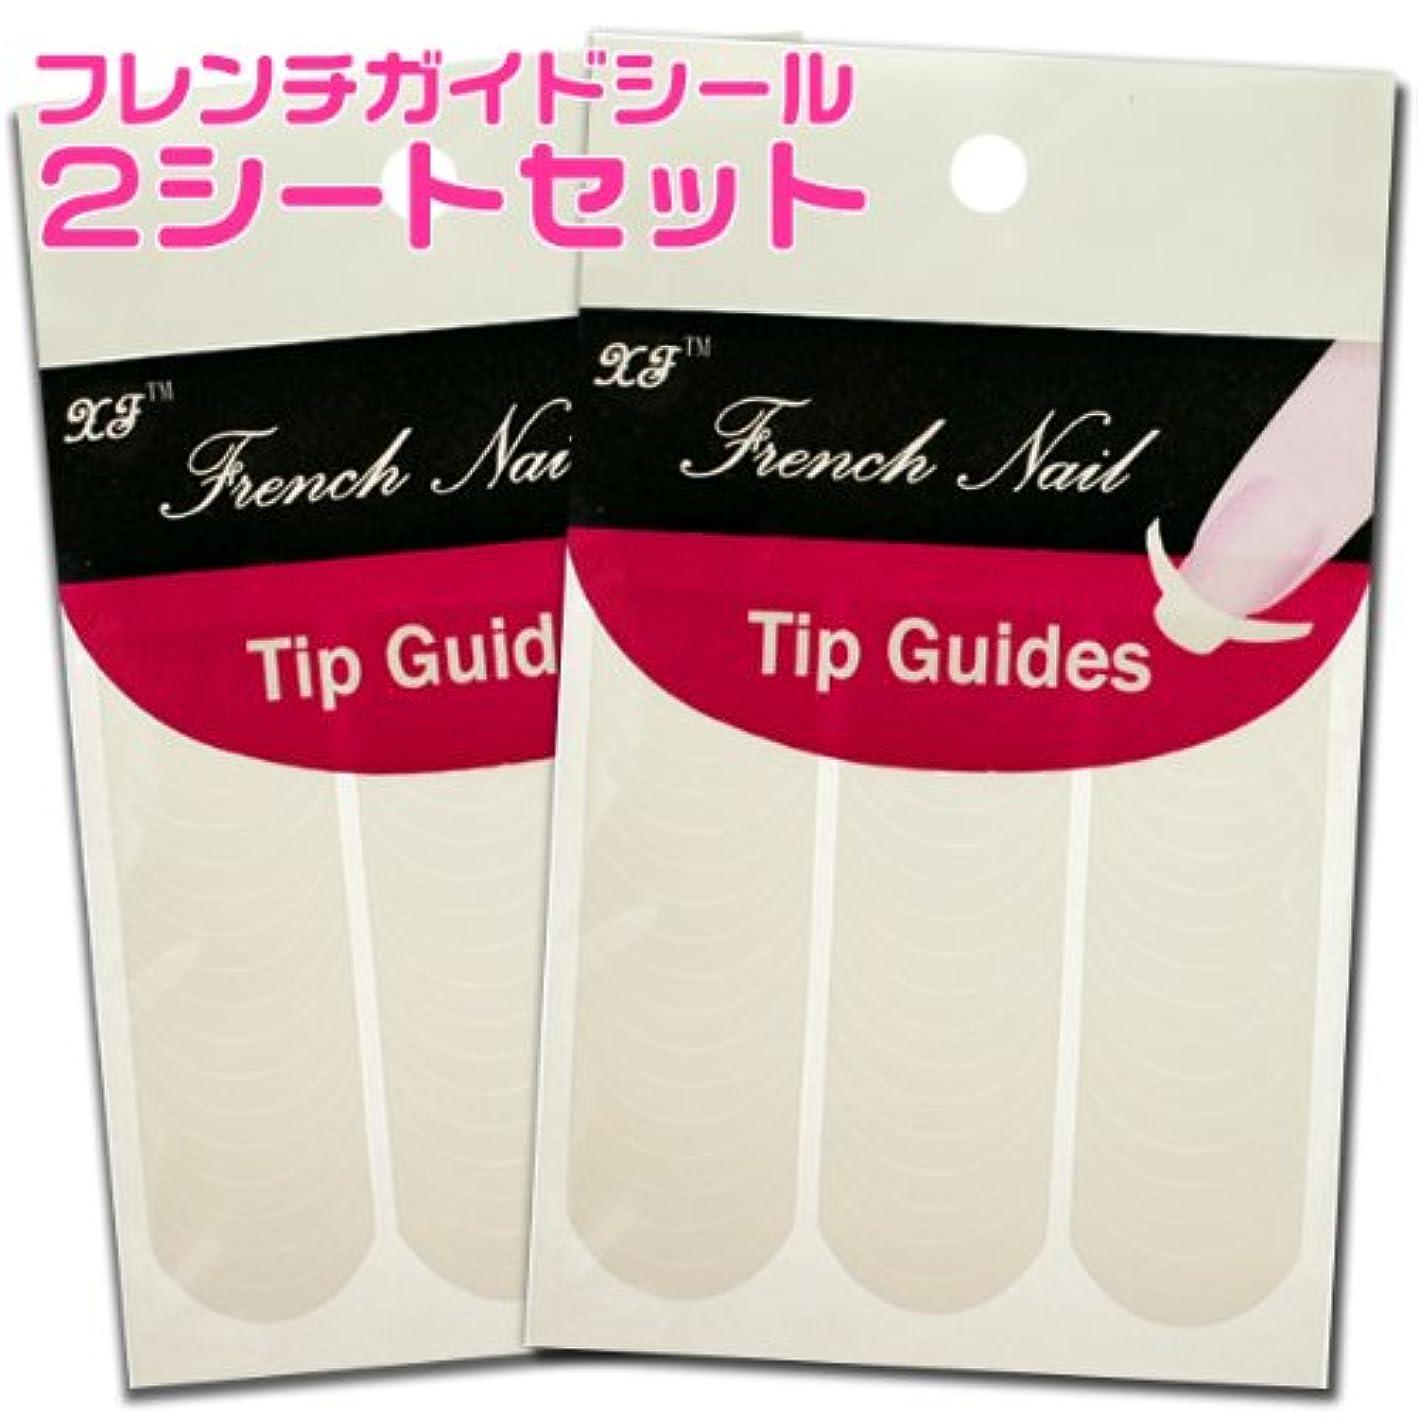 ミルク襟野心的ネイルシール フレンチガイドシール2枚セット フレンチテープフレンチガイドテープ